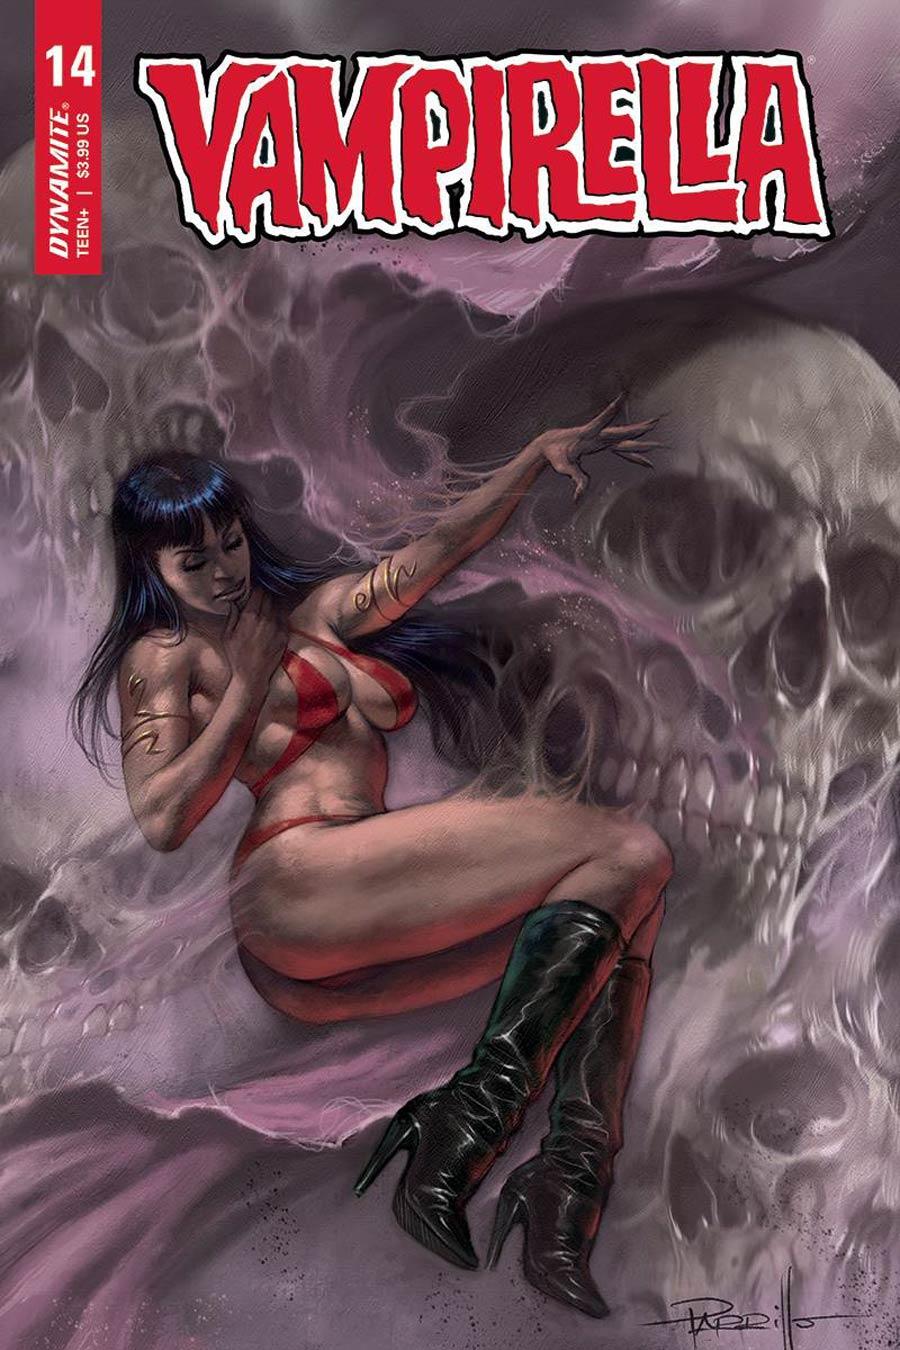 Vampirella Vol 8 #14 Cover A Regular Lucio Parrillo Cover